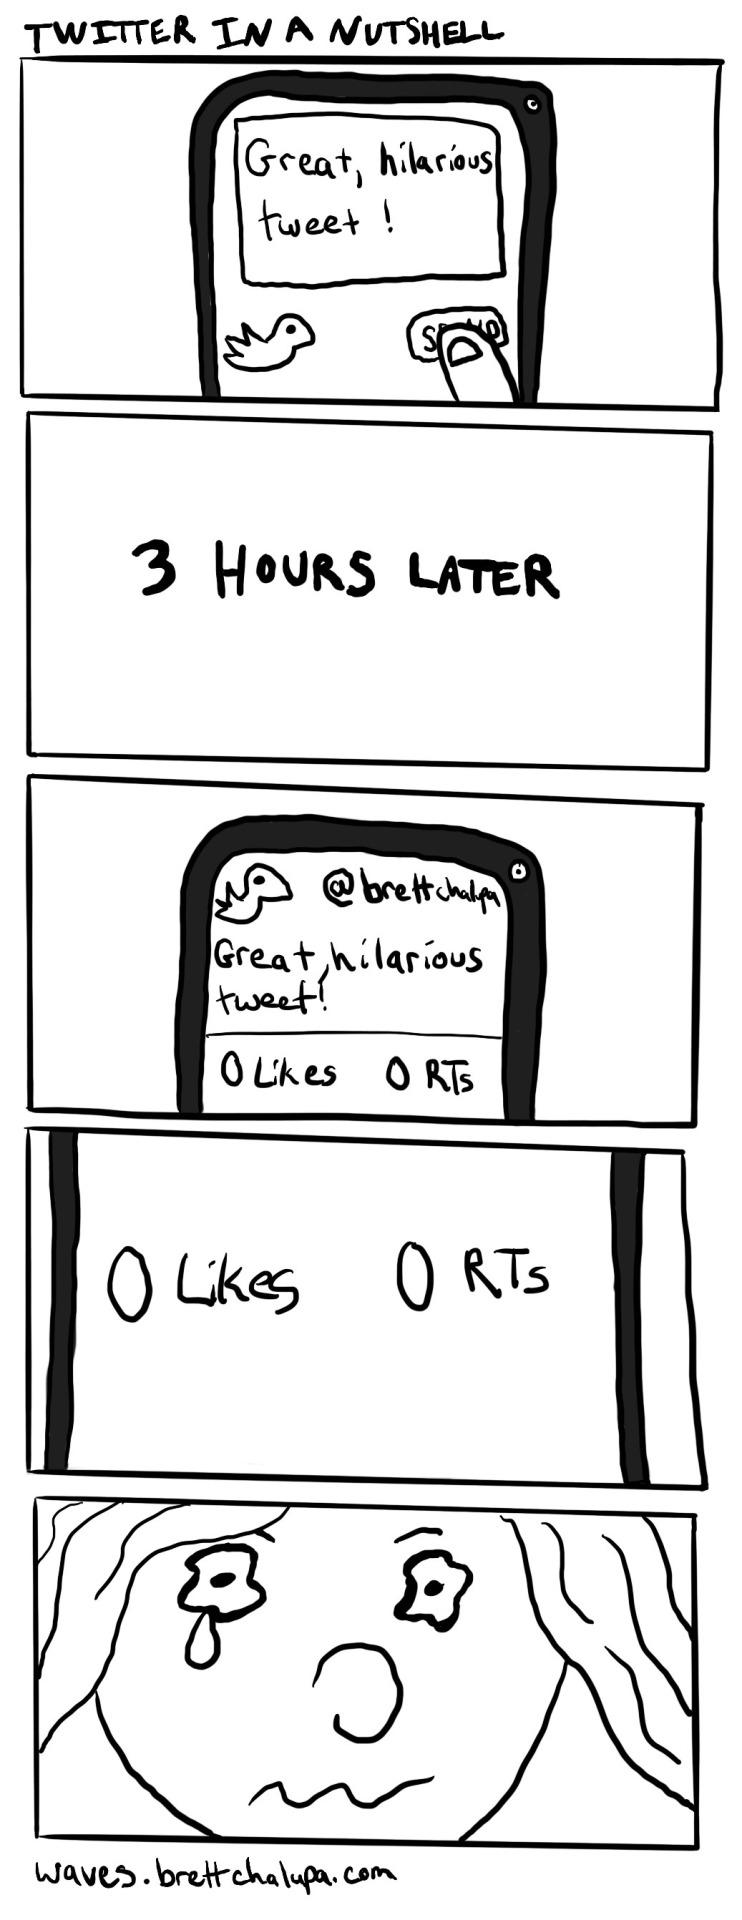 Twitter in a Nutshell - Brett Chalupa - 2016-12-28